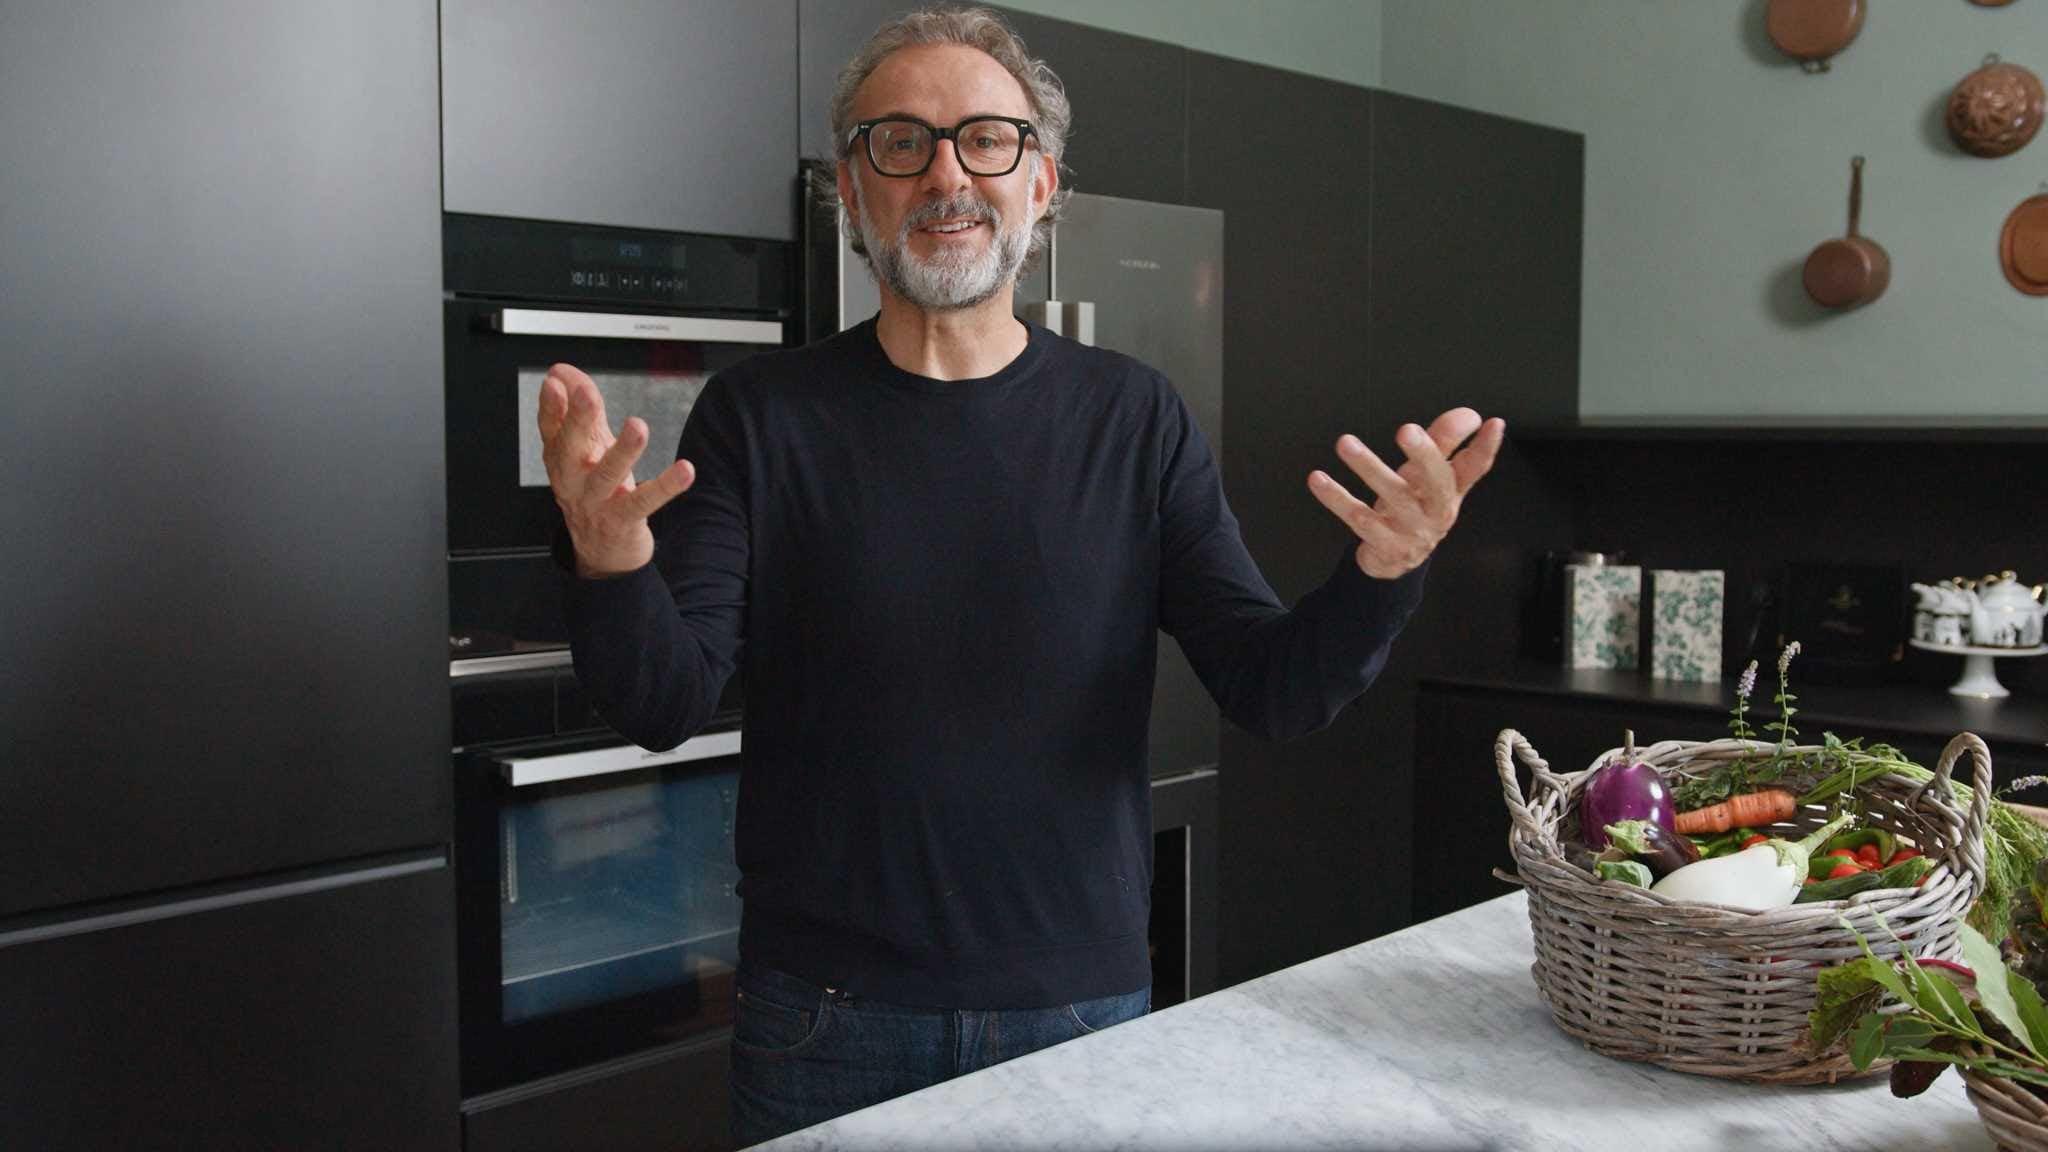 Campagna Grundig con Massimo Bottura contro lo spreco alimentare